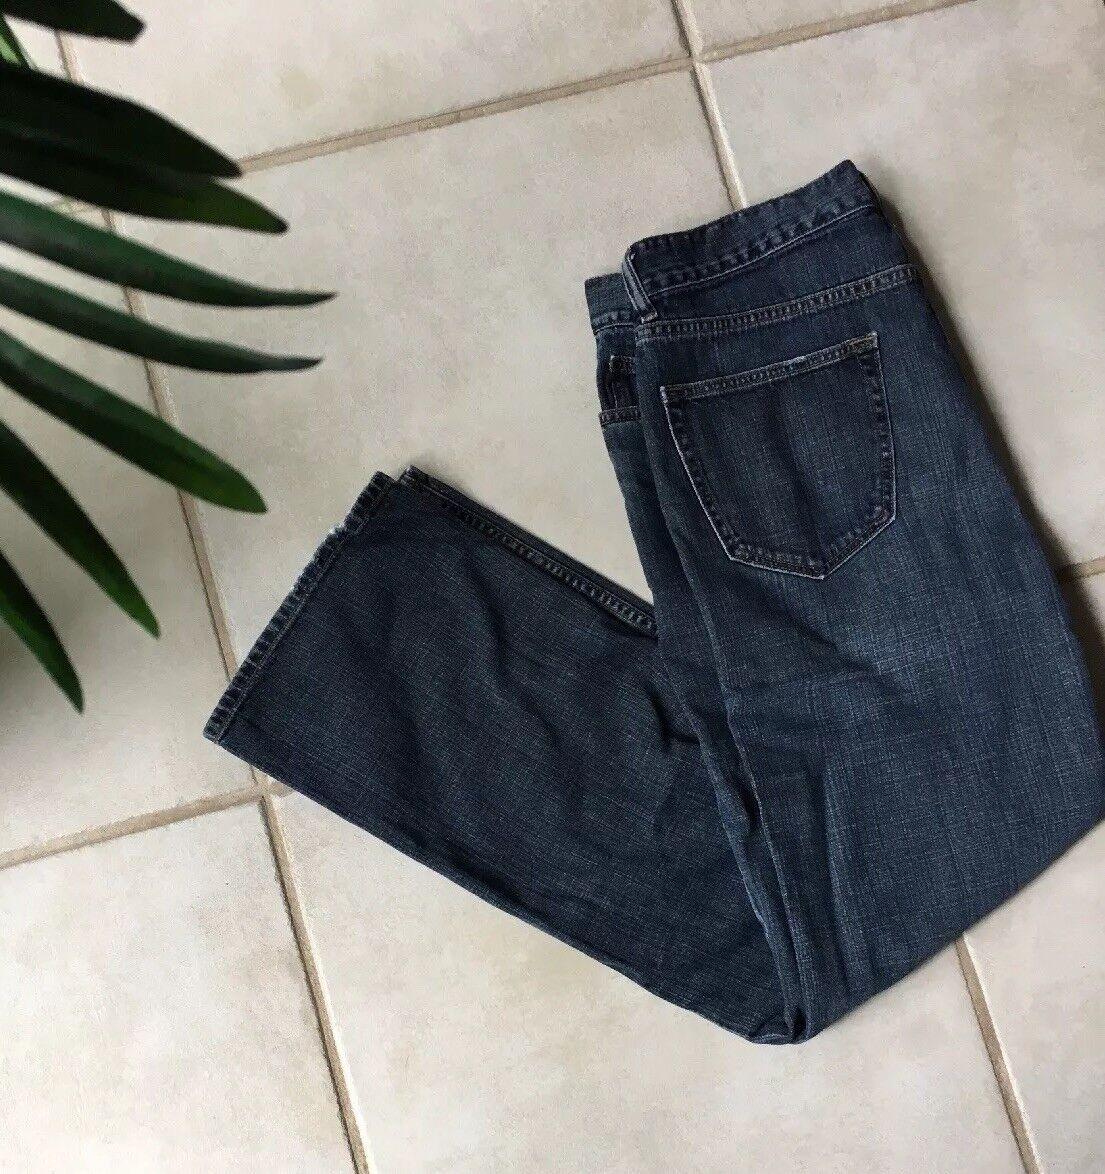 Men's Structure Denim Jeans 34 x 32